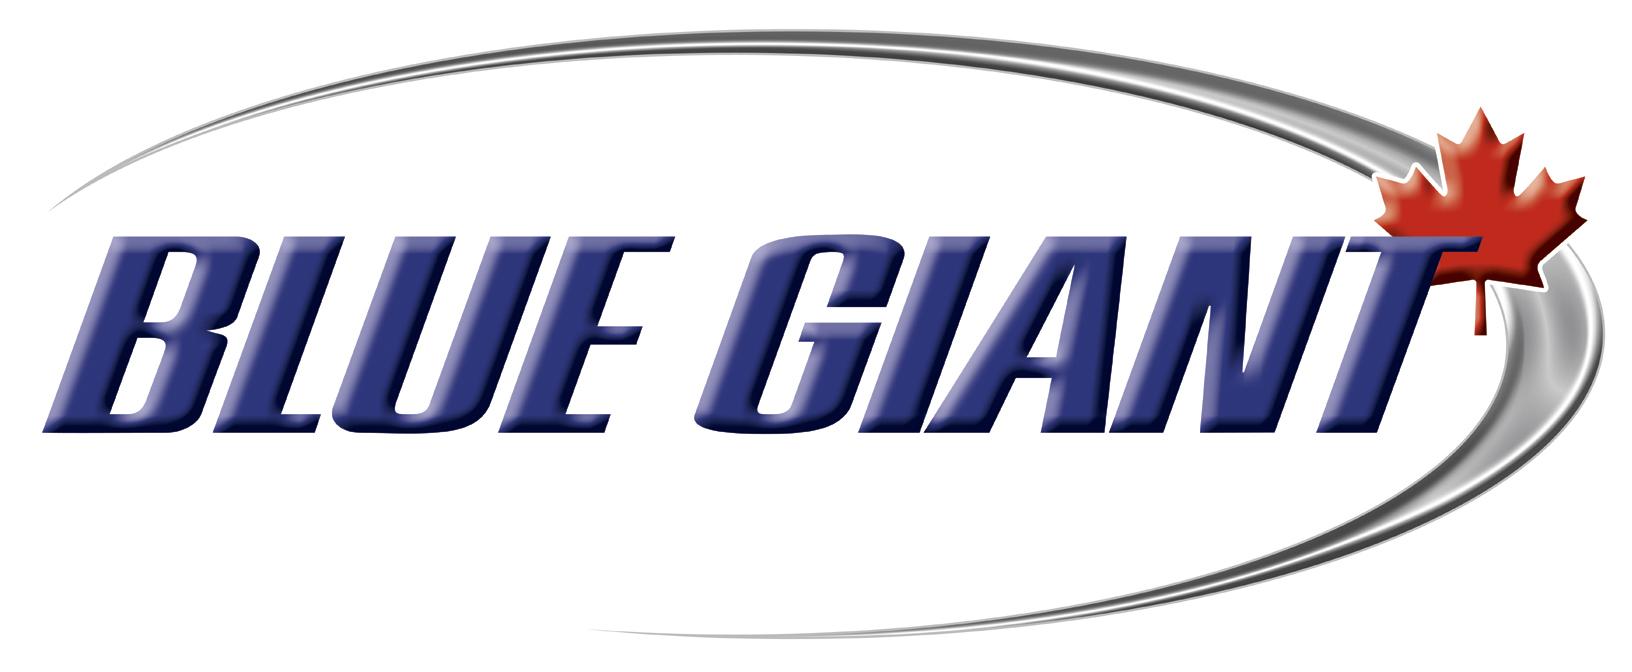 Blue_Giant.jpg